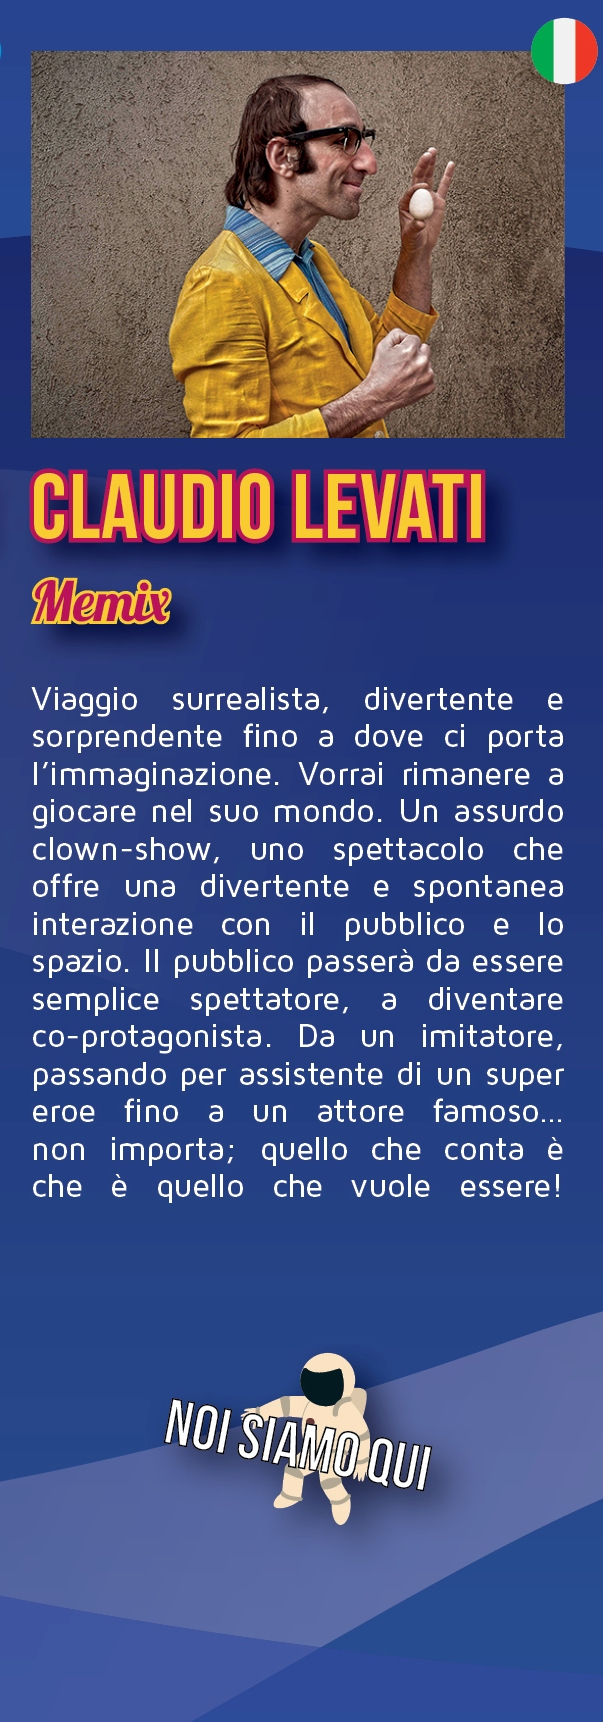 CLAUDIO LEVATI.jpg